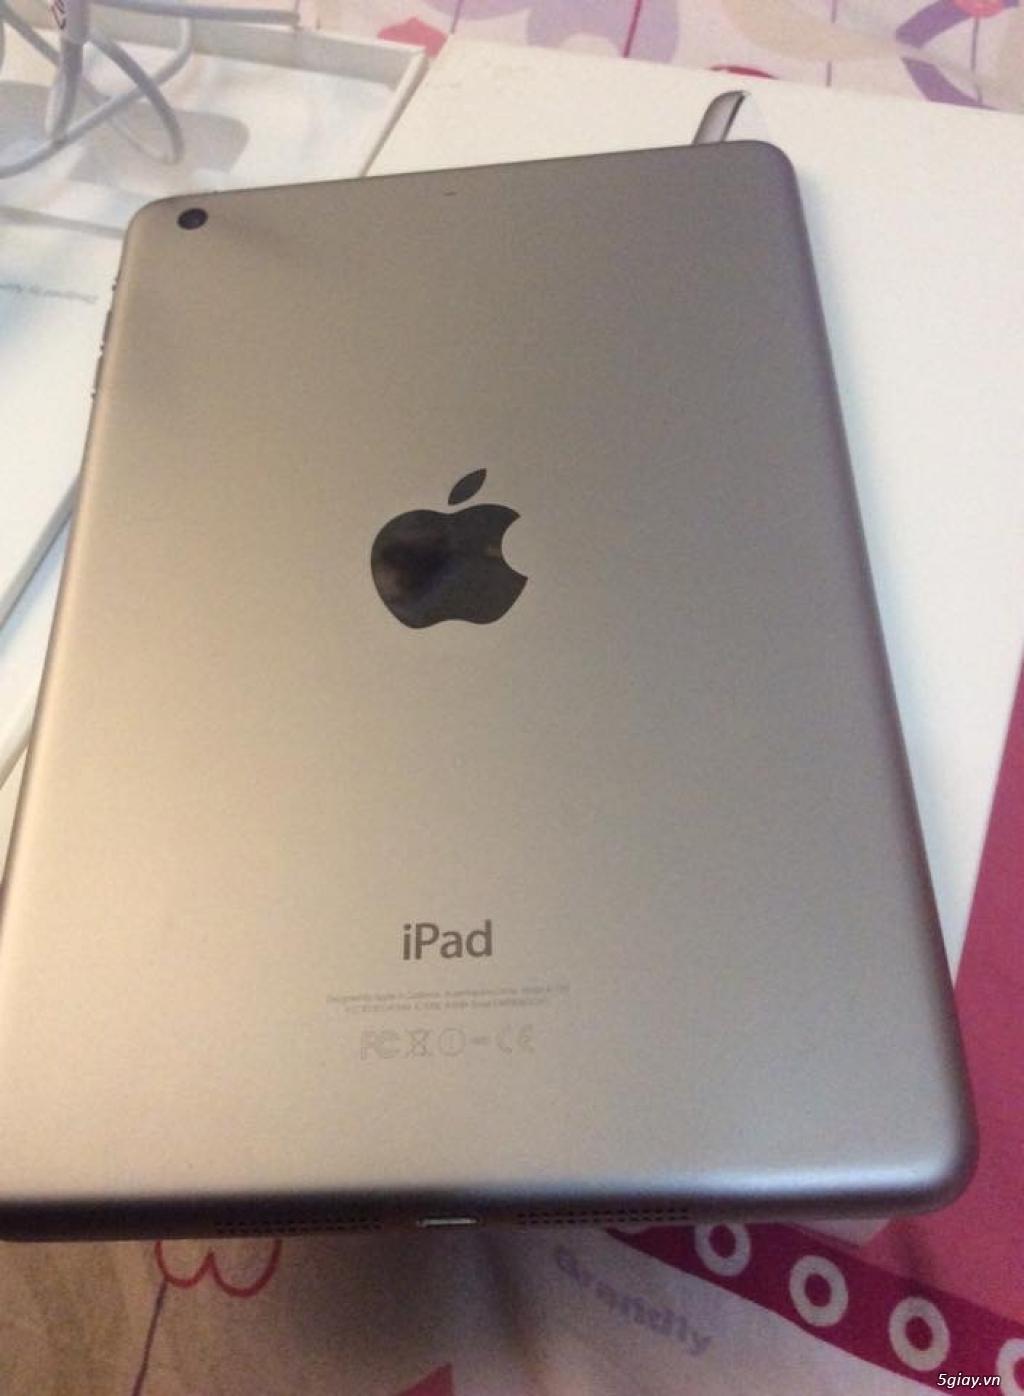 IPad mini 3 16g wifi , grey , fullbox - 1